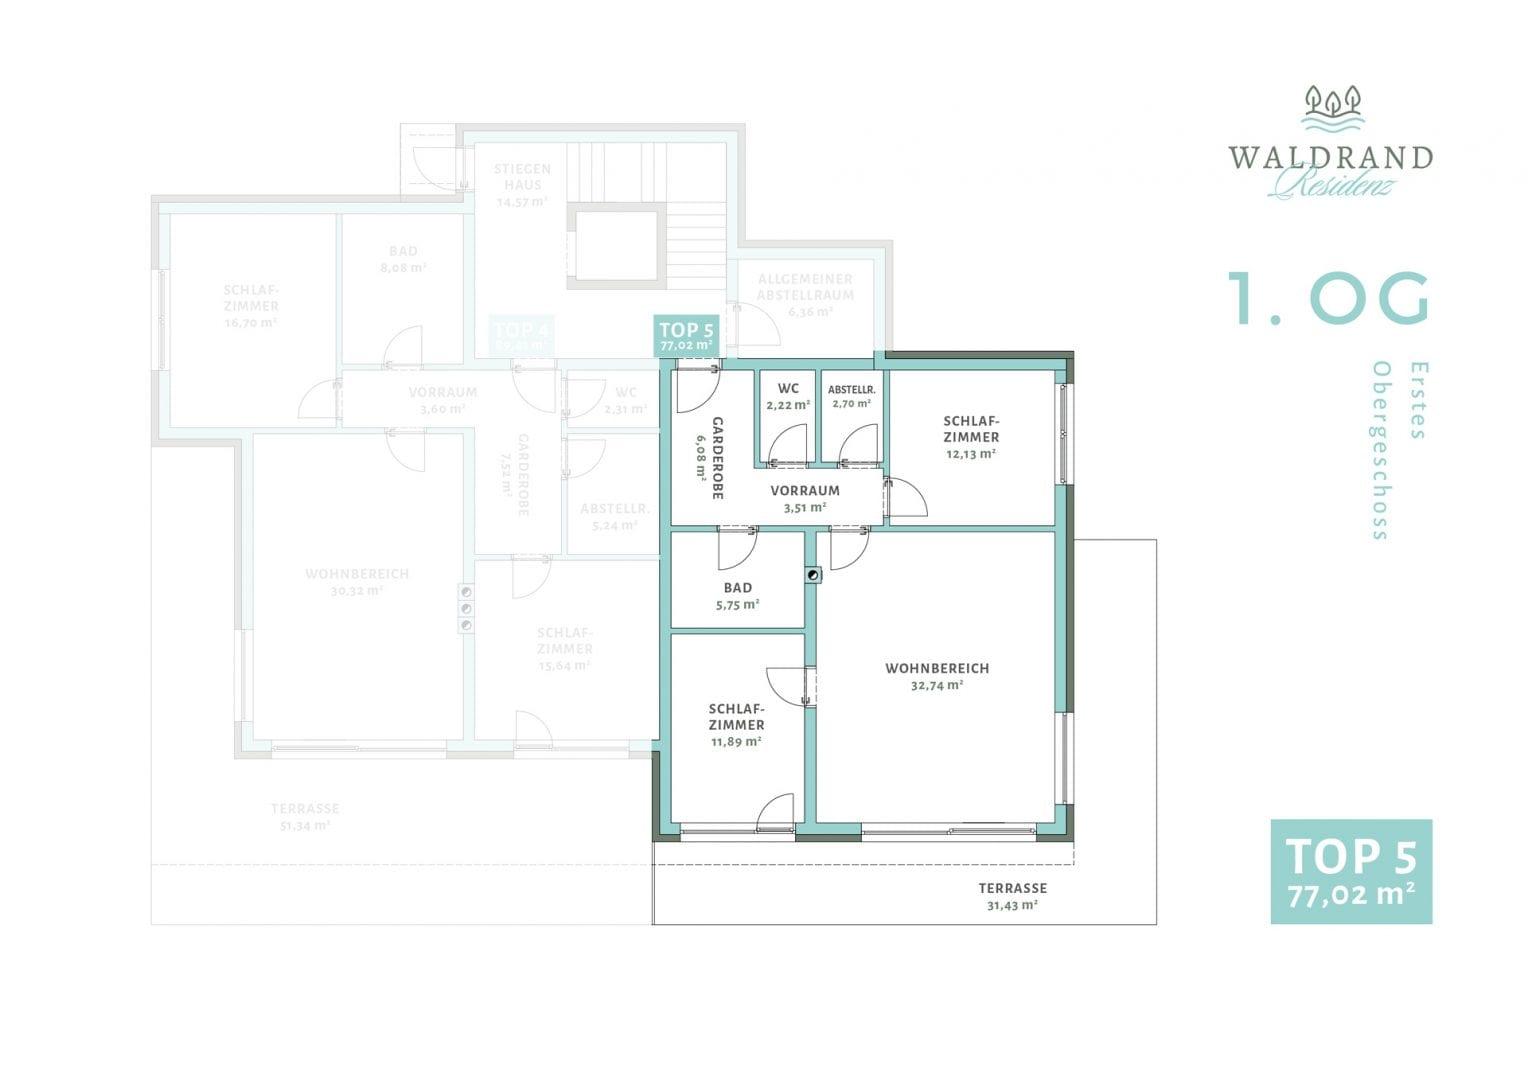 Waldrand-Residenz_TOP_5-skaliert